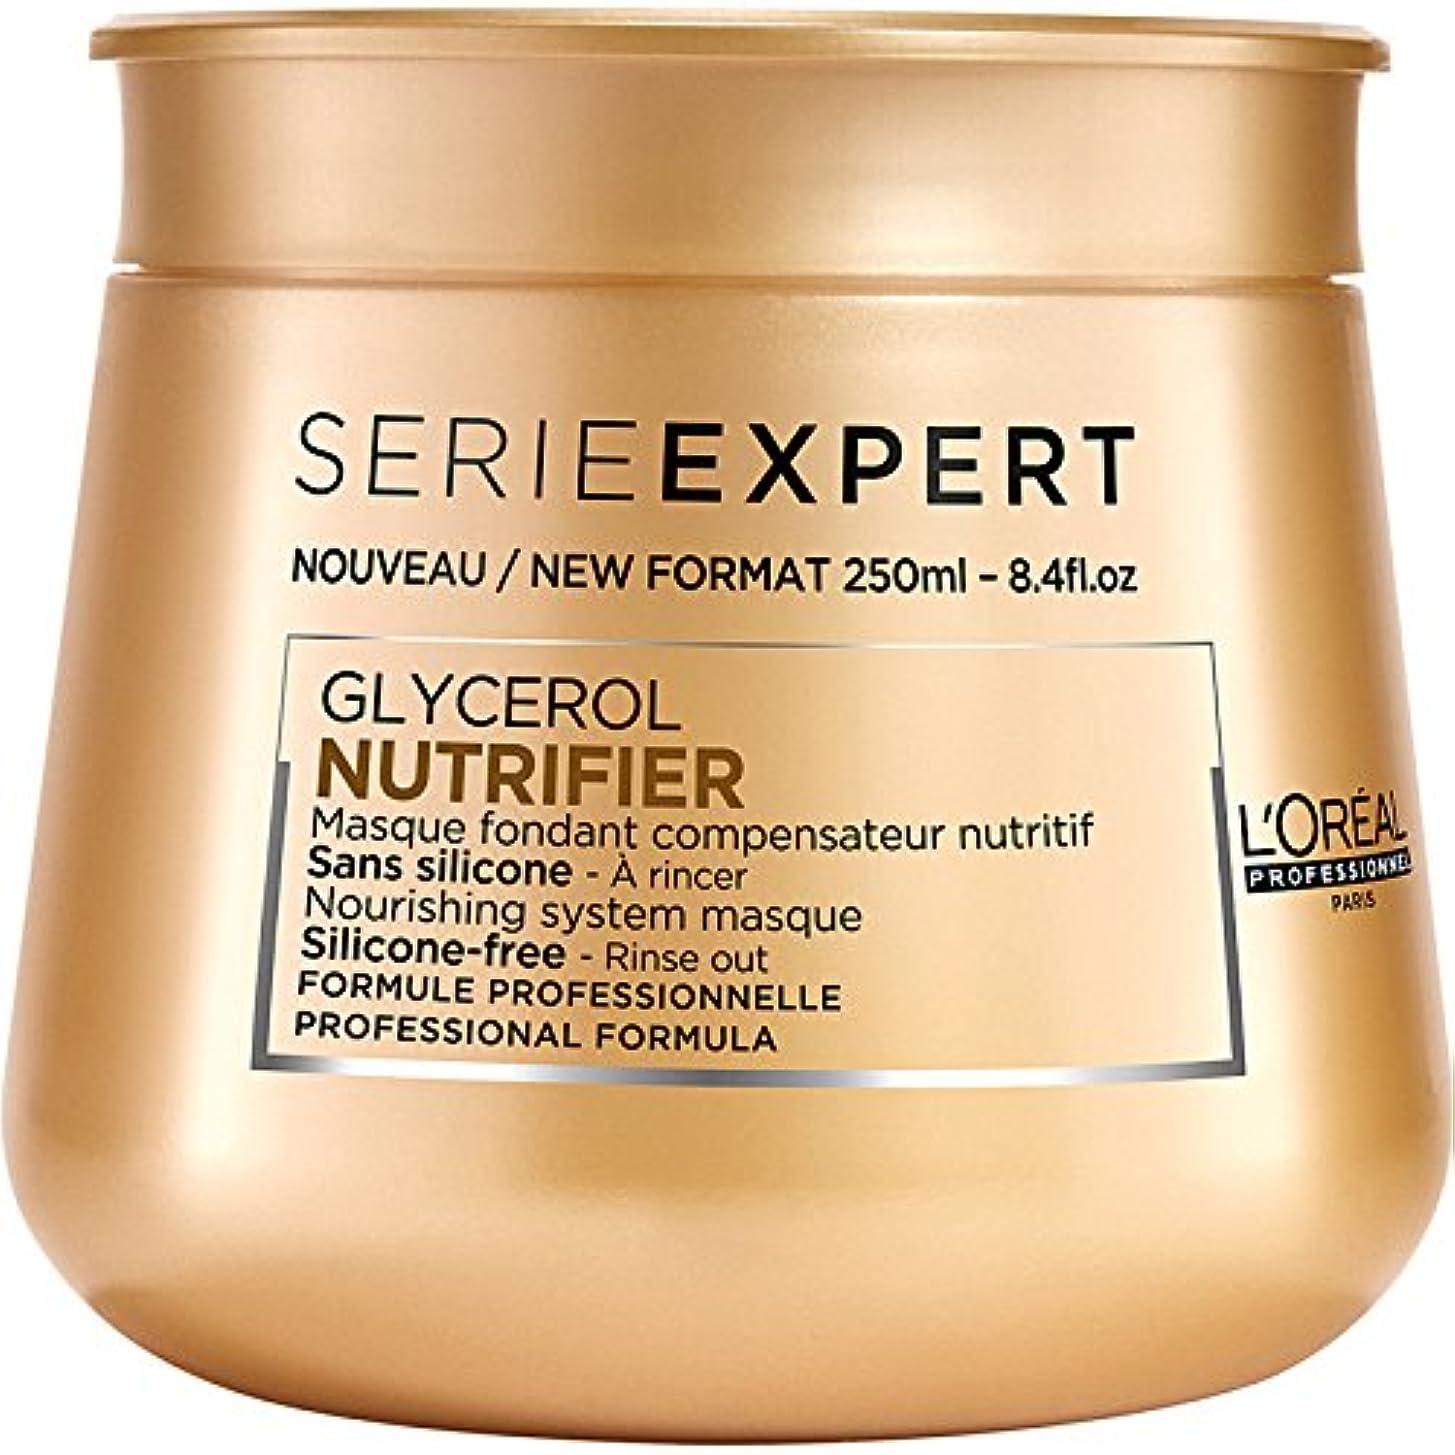 解読するスリッパダルセットL'Oreal Serie Expert Glycerol NUTRIFIER Nourishing System Masque 250 ml [並行輸入品]